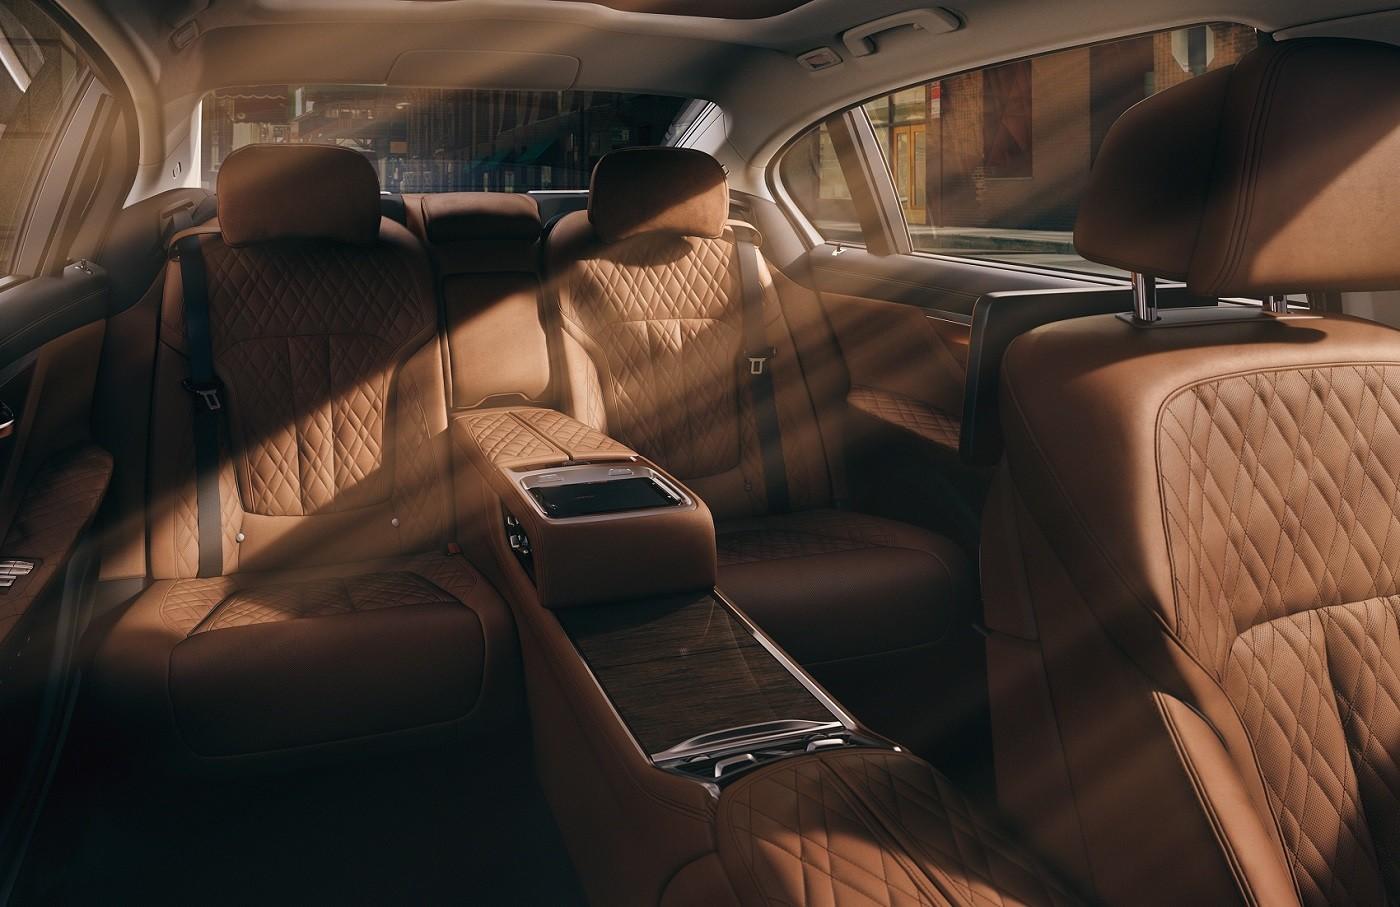 2020 BMW 7 Series Backseat